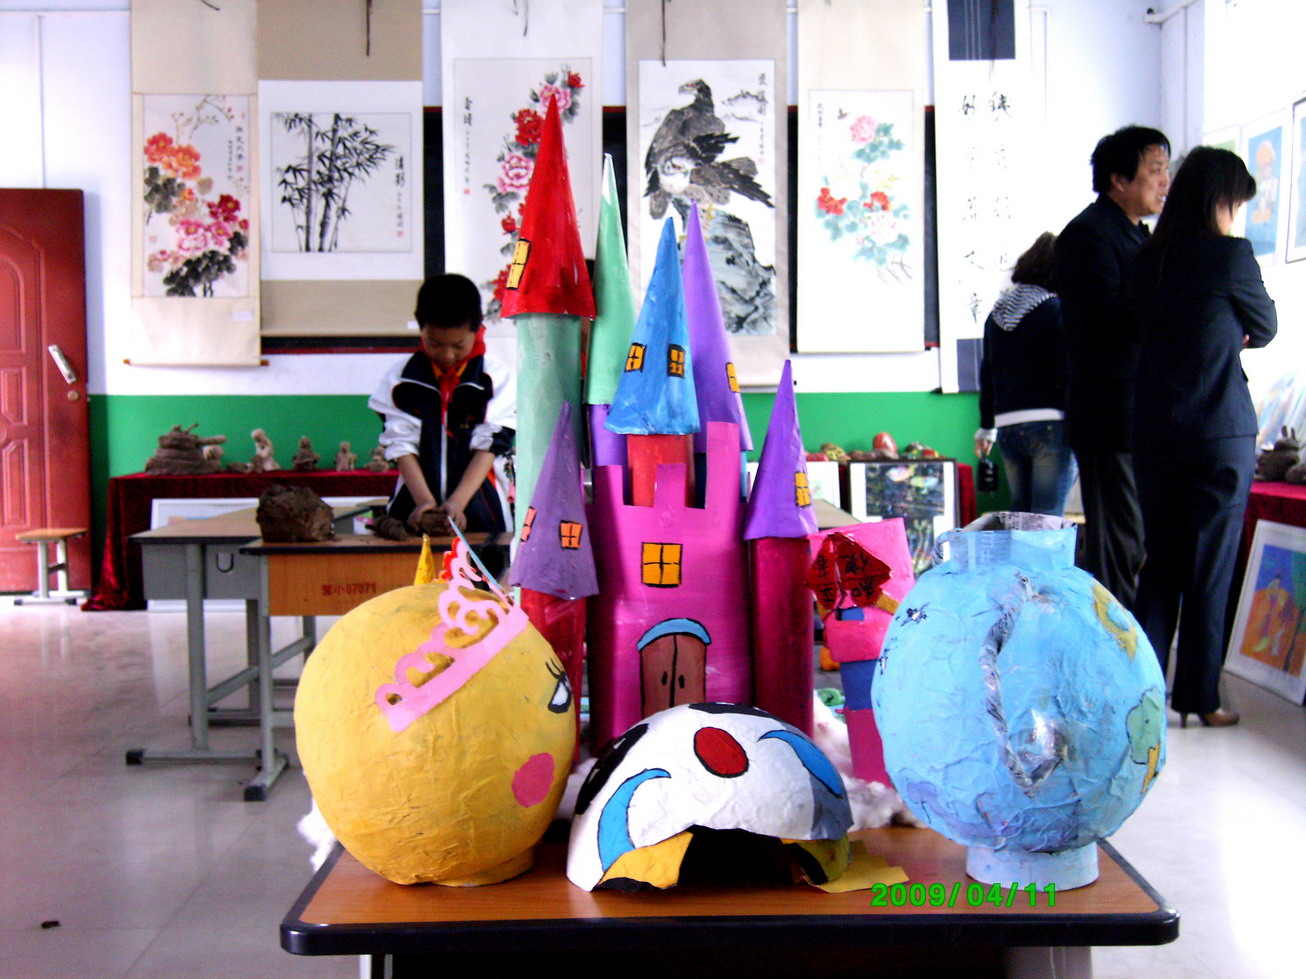 4月11日上午,郑州市经济技术开发区教育艺术节暨艺术展示活动,在经开区营岗小学隆重举行。郑州市教育局郭跃华局长、体卫艺处荆改强处长,和教育局教学研究室美术学科教研员田金良同志参加了开幕式并参观了各项艺术展示活动。本次活动全面展示了经开区在中小学生艺术方面的教育成果。活动主要由学生现场作画、书法、手工制作、泥塑、画展、艺术表演等形式组成,来自全区各中小学的近百名学生艺术精英参加了艺术展示活动。现场艺术气氛浓郁,选手们都聚精会神的投入到自己的艺术创作中。创作完成,互相交流感受心得,展示作品。本次活动取得圆满成